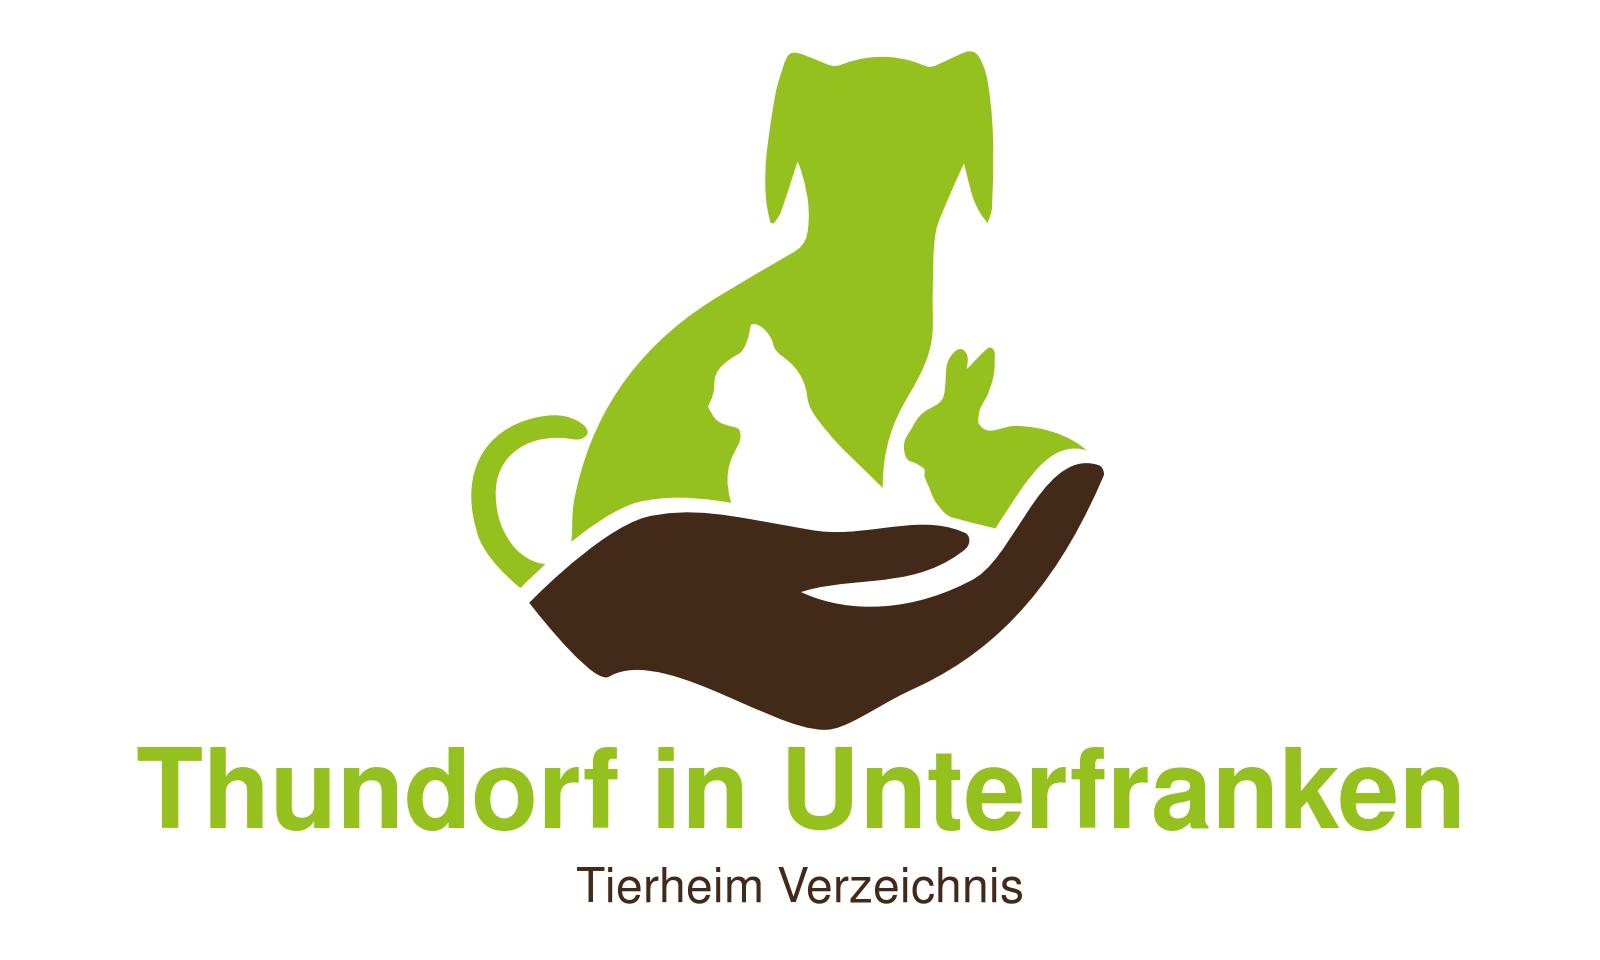 Tierheim Thundorf in Unterfranken